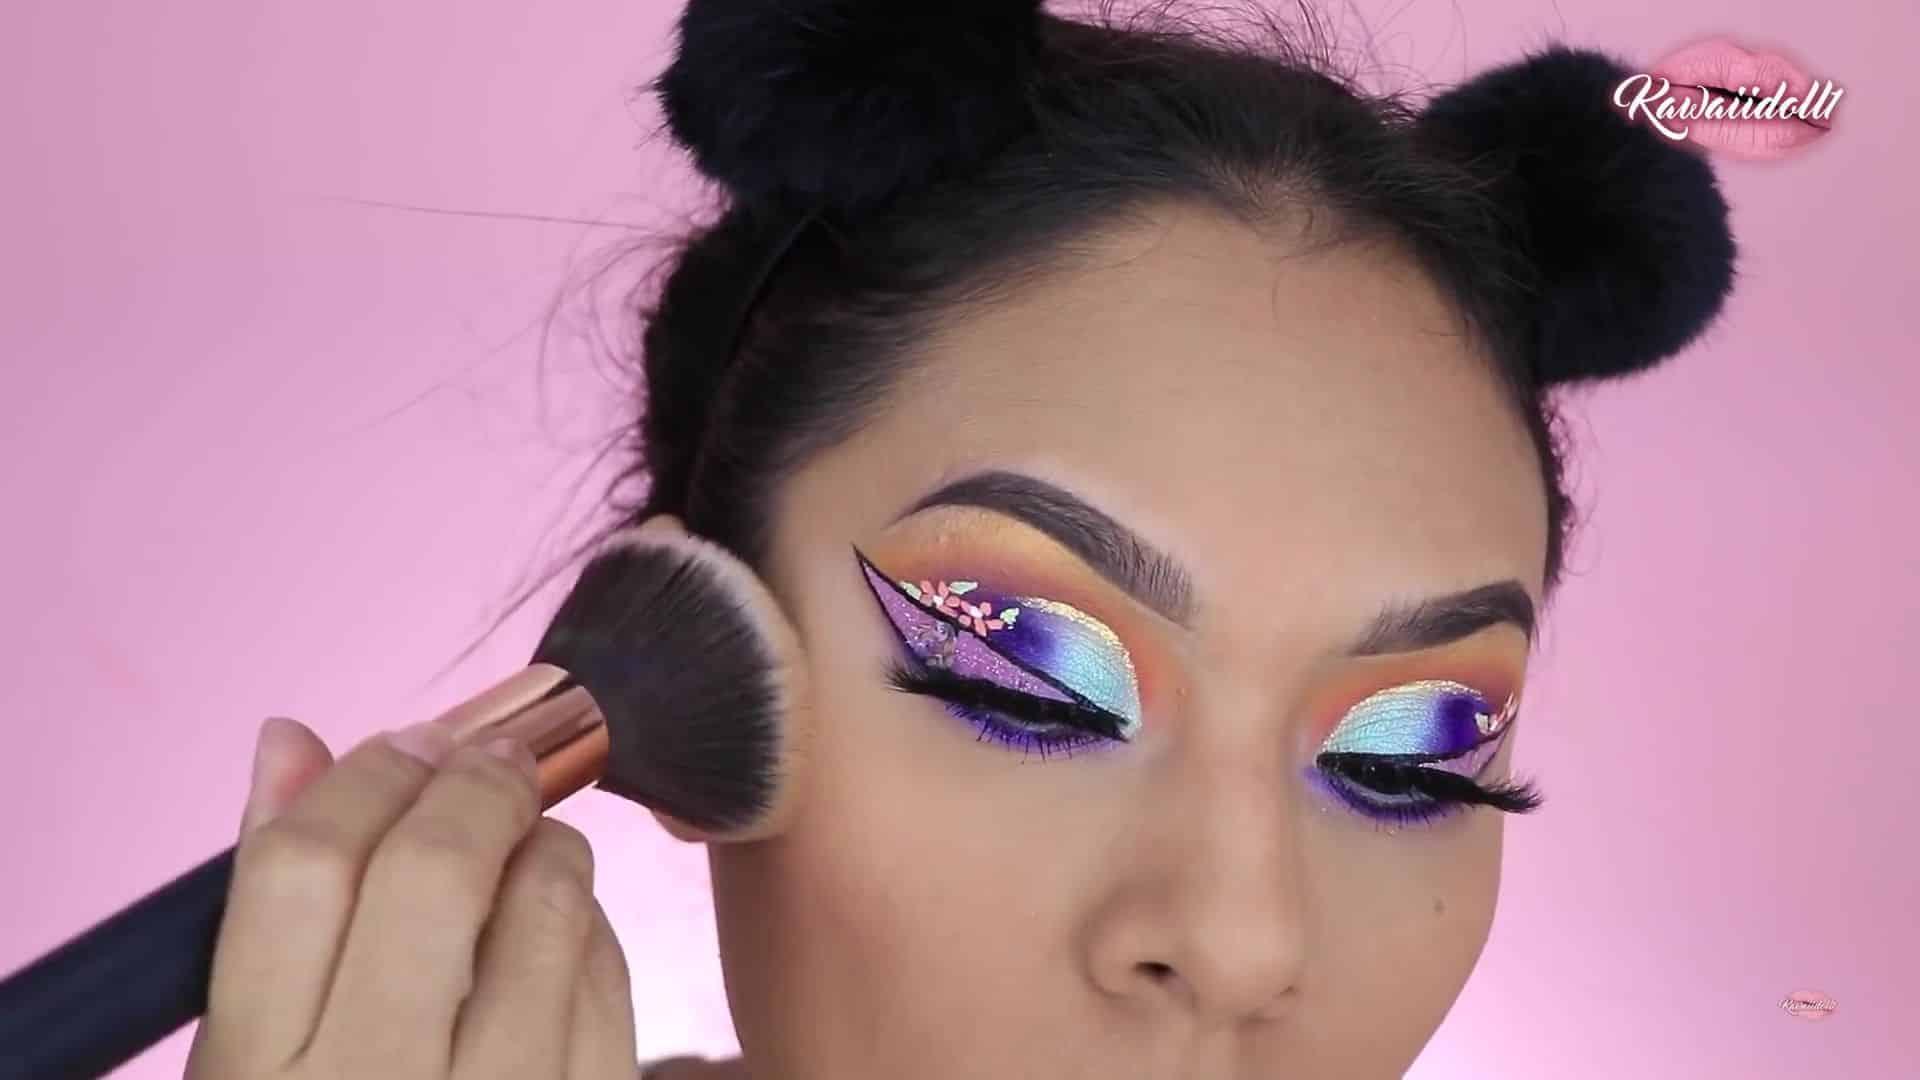 maquillaje de fantasía rapunzel 2020 kawaiidoll1 rubor y contorno